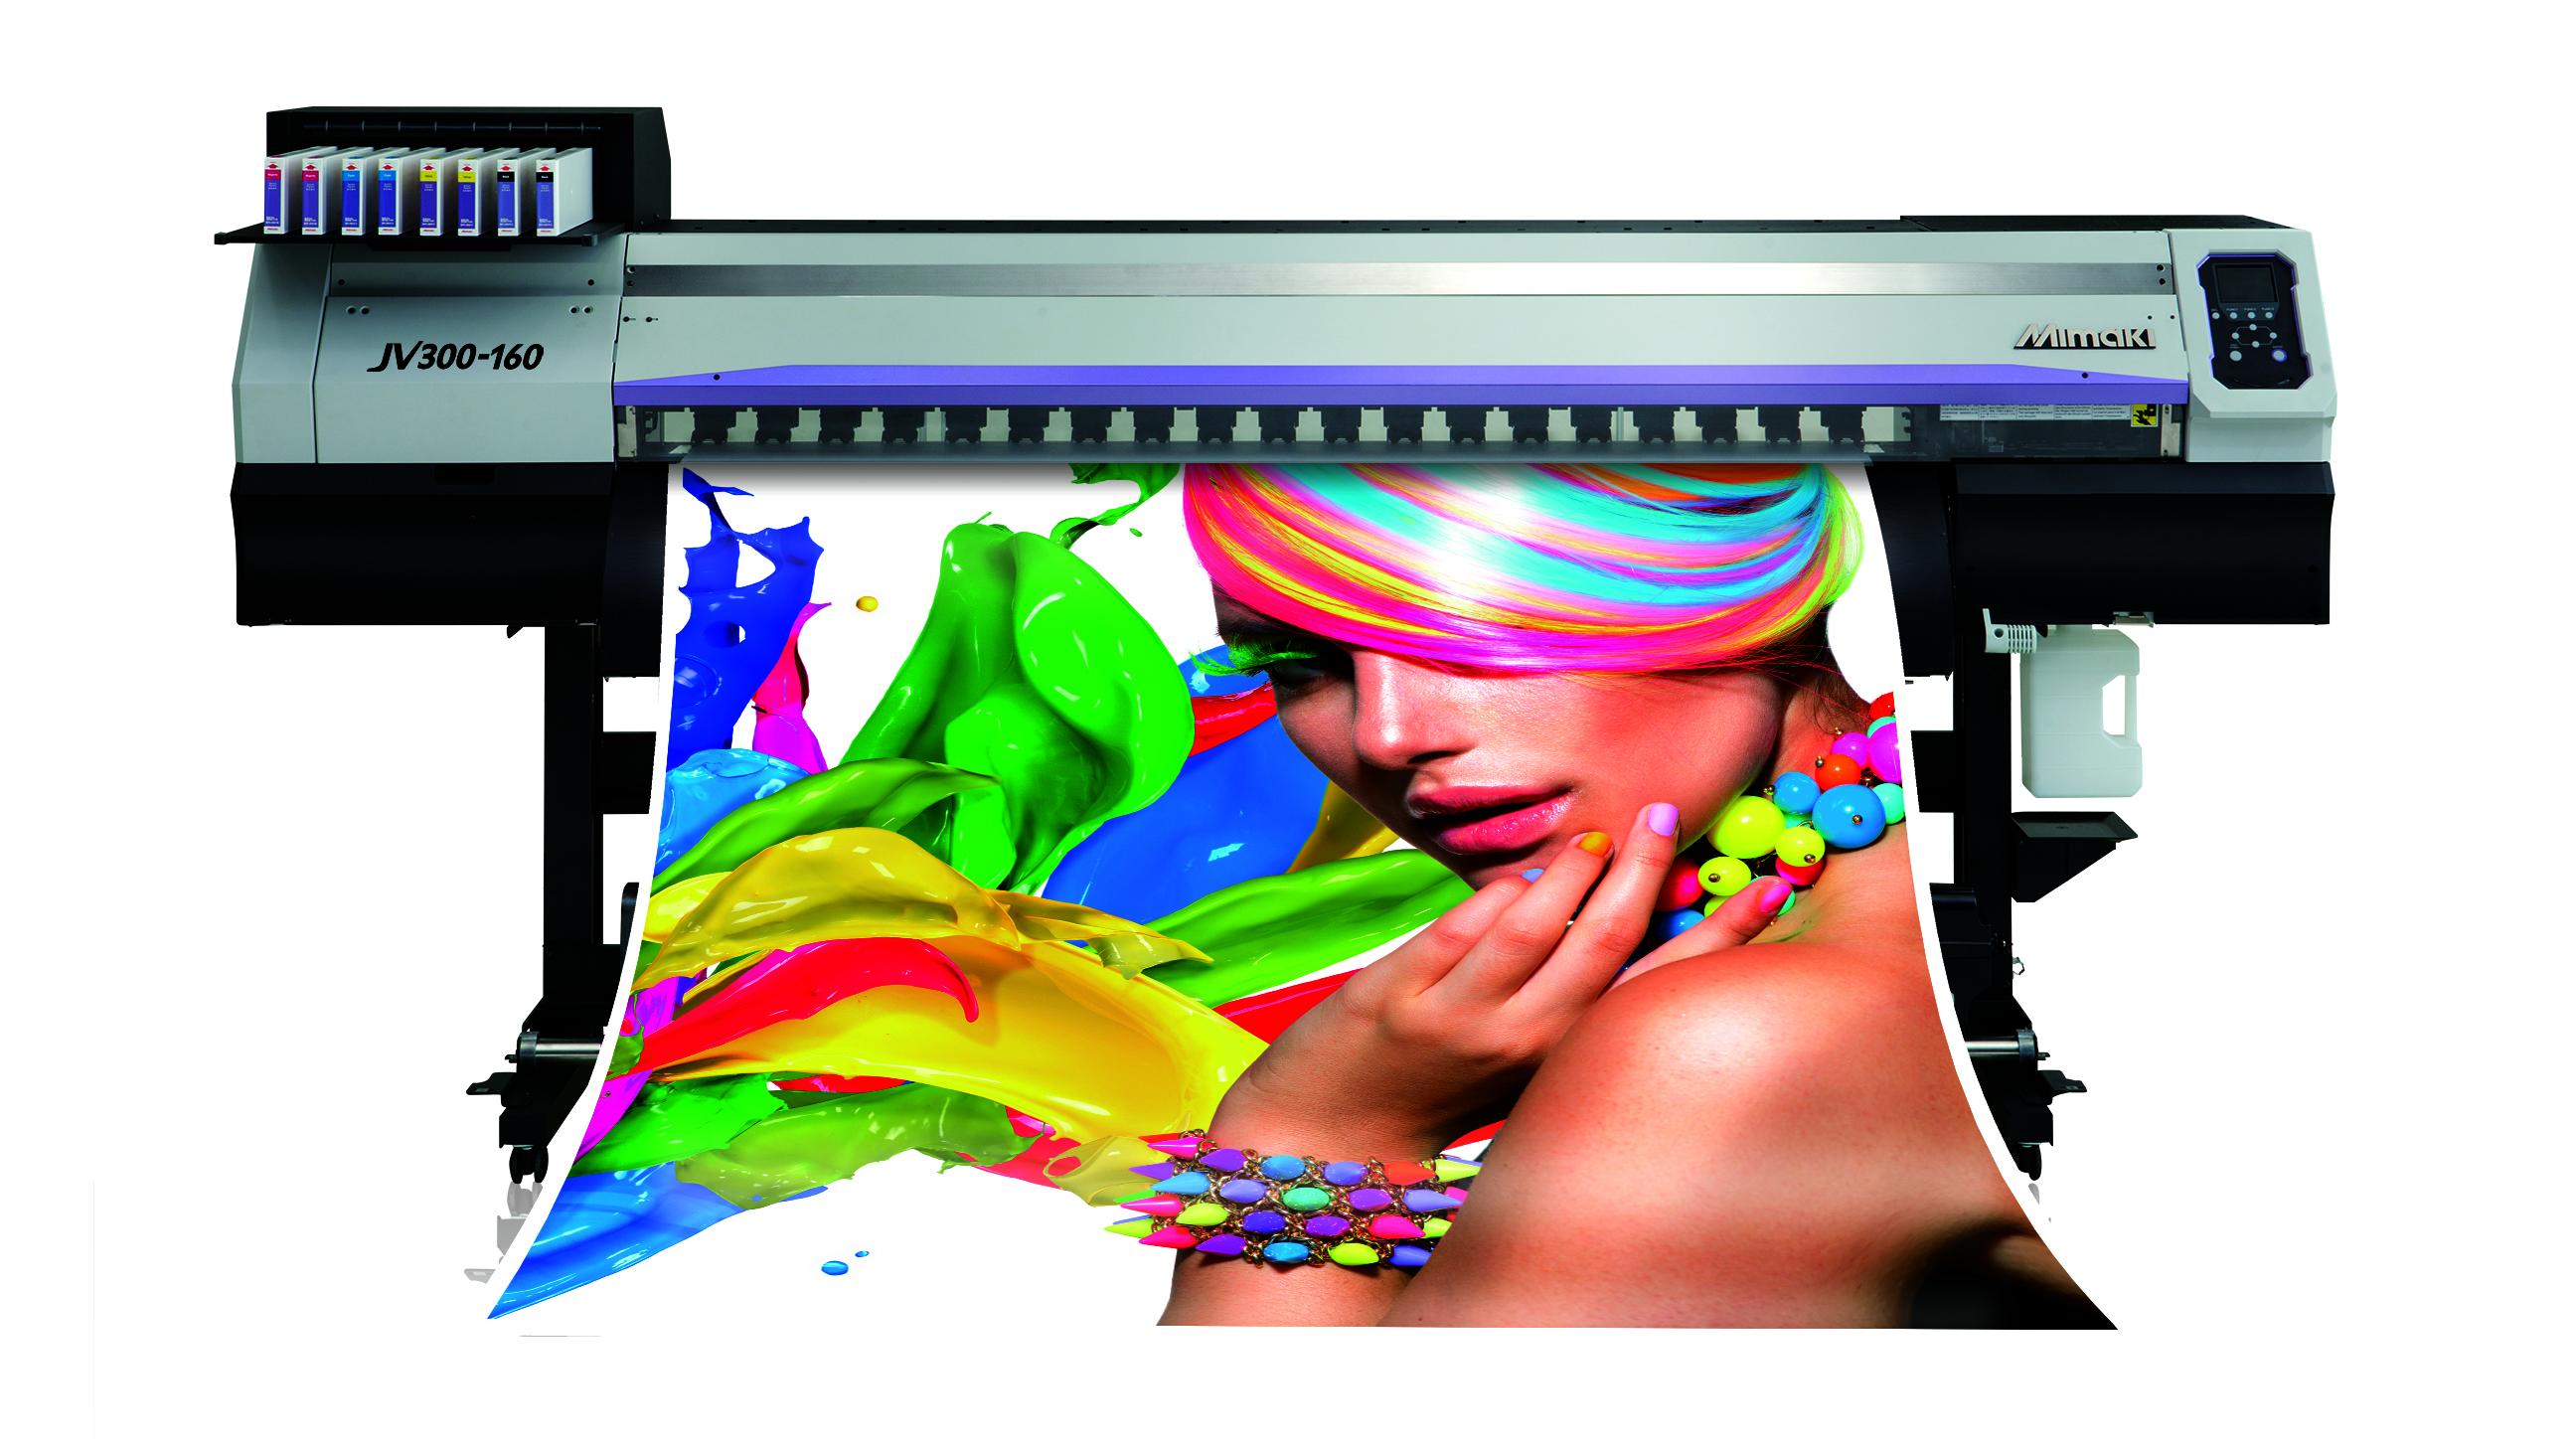 Mimaki JV300-160 eco-solvent digital inkjet printer